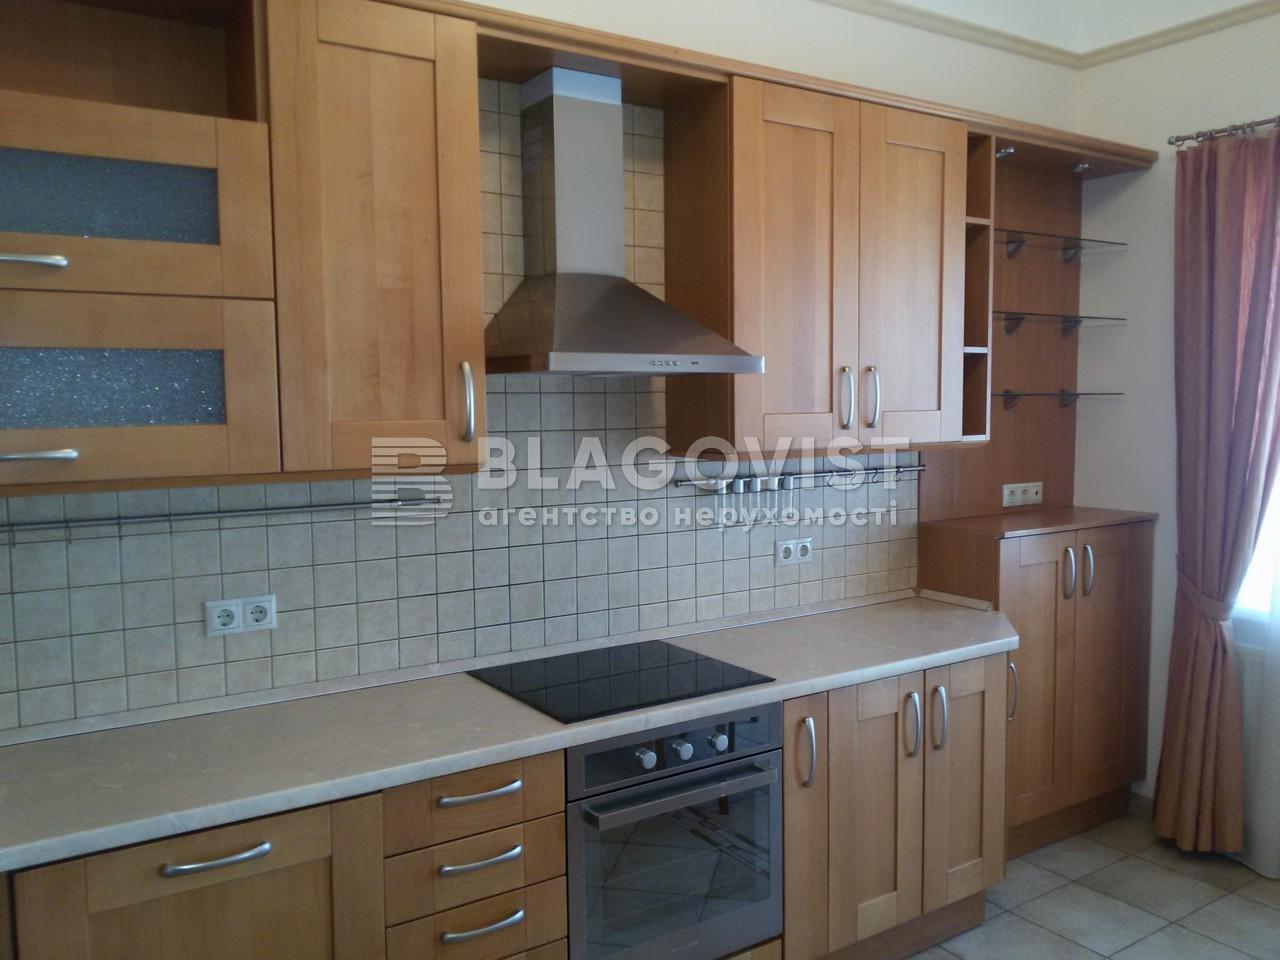 Квартира R-7966, Кирилловская (Фрунзе), 14/18, Киев - Фото 19